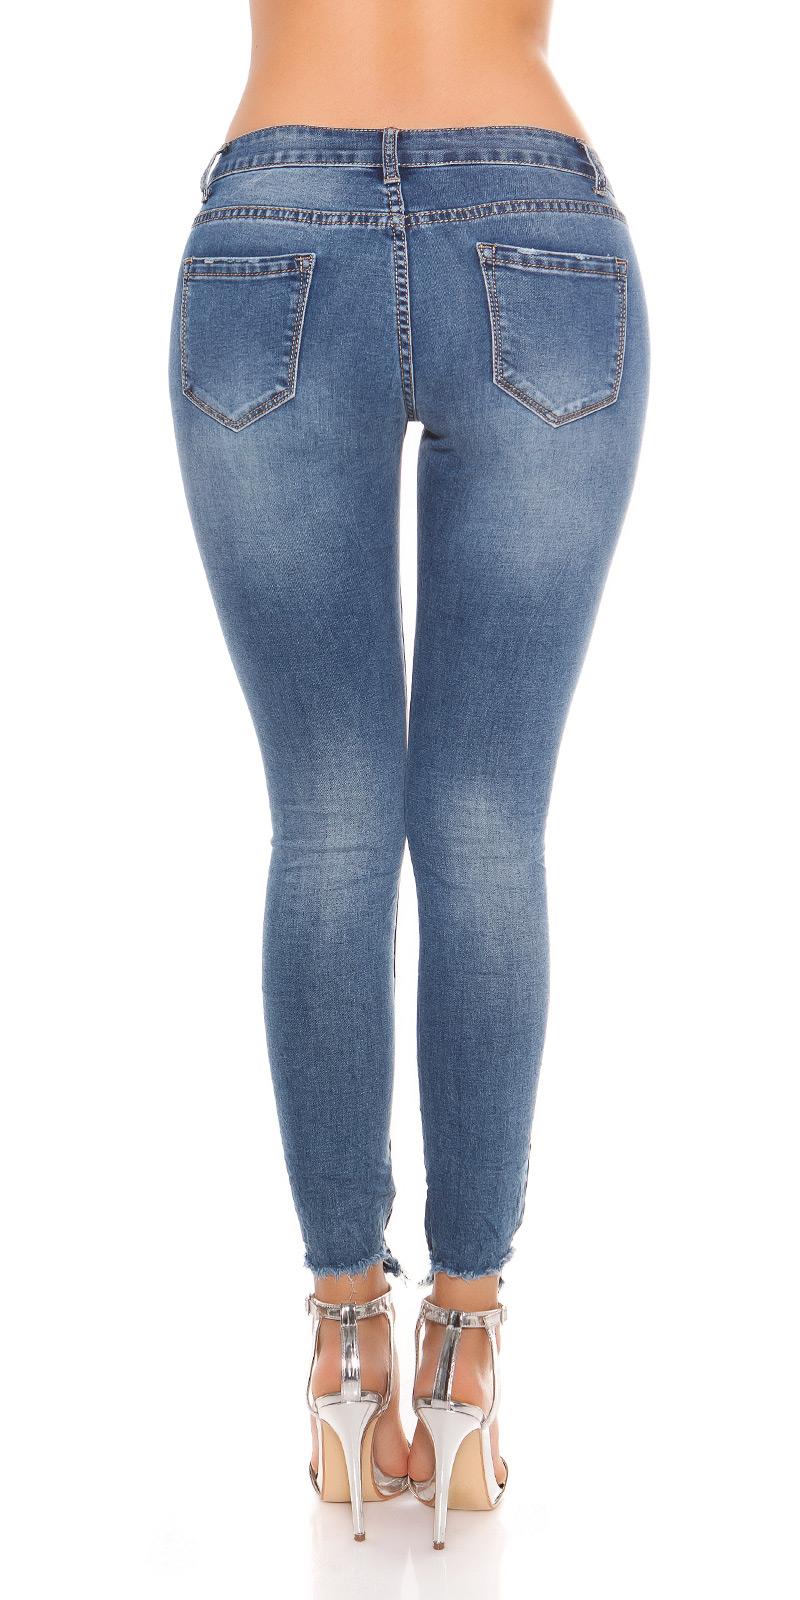 trendstylez skinny jeans mit strass. Black Bedroom Furniture Sets. Home Design Ideas